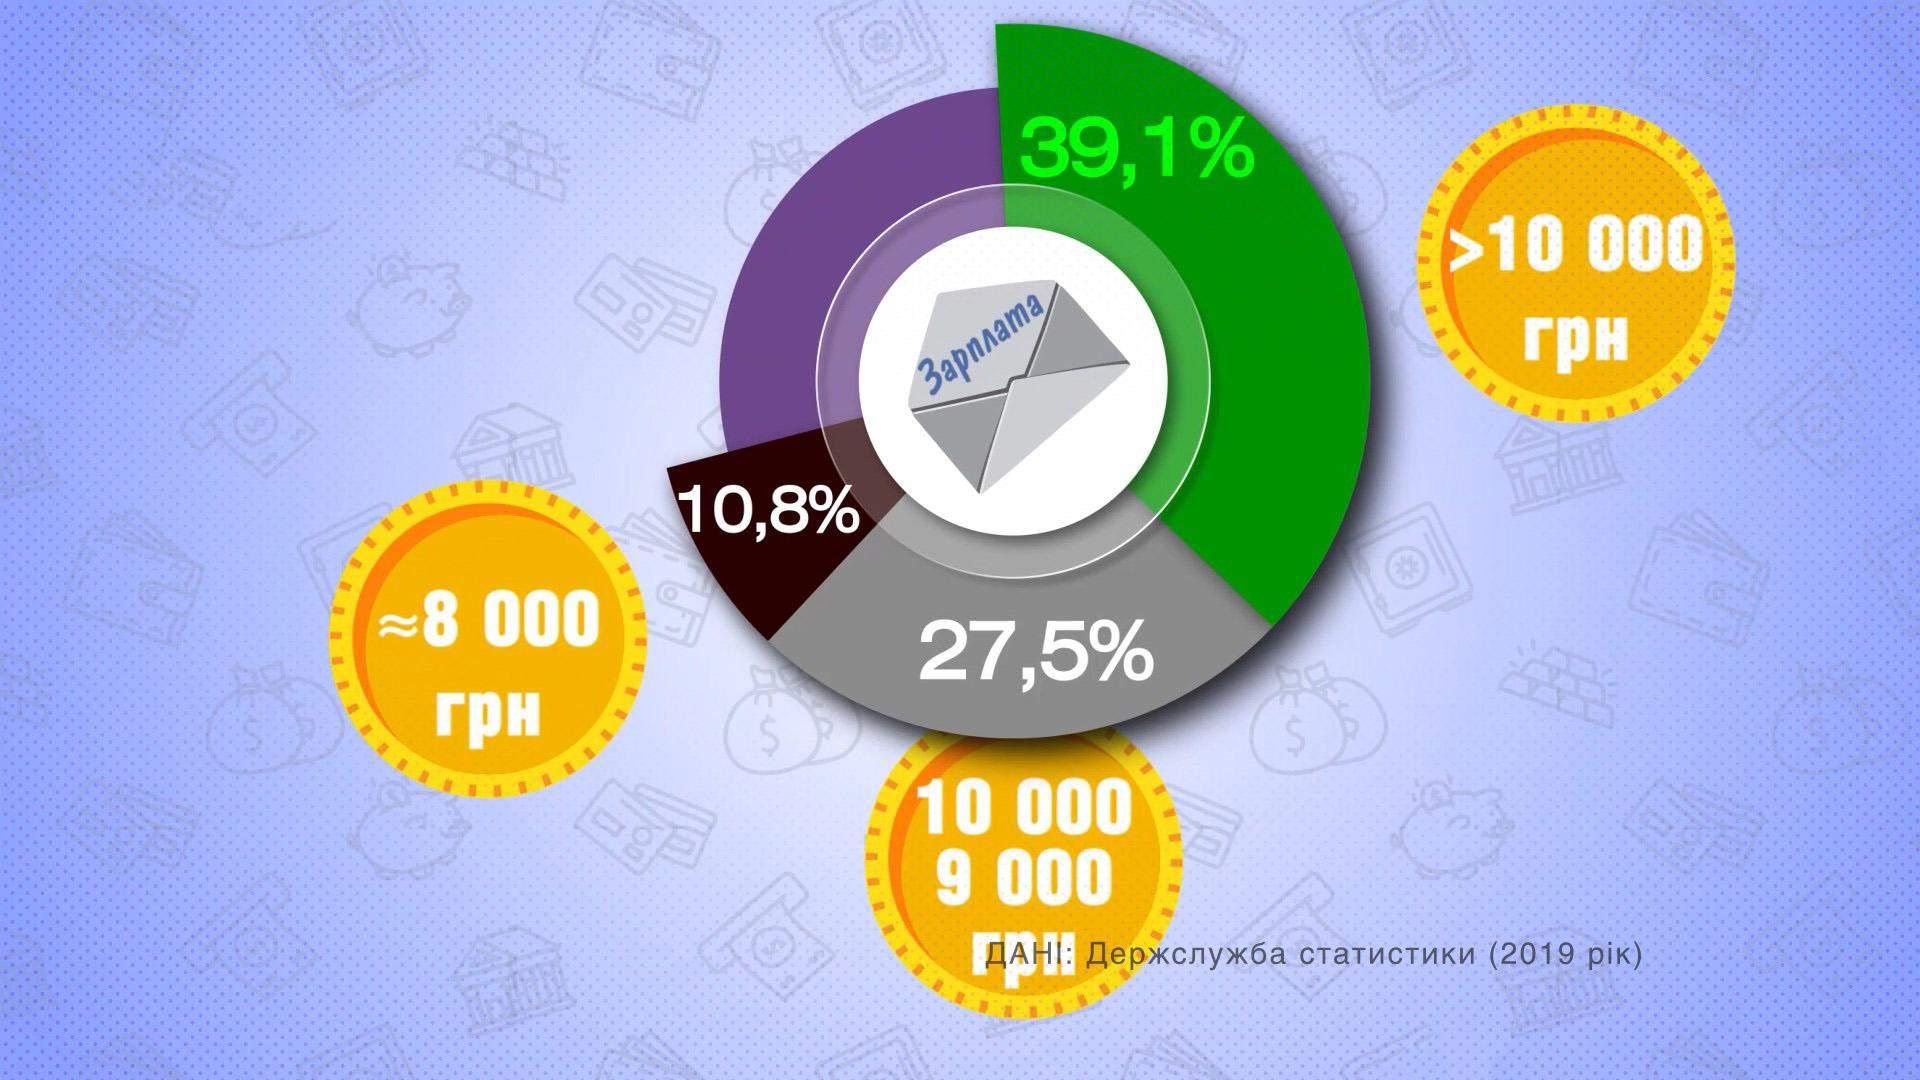 Українці про бажаний середній дохід